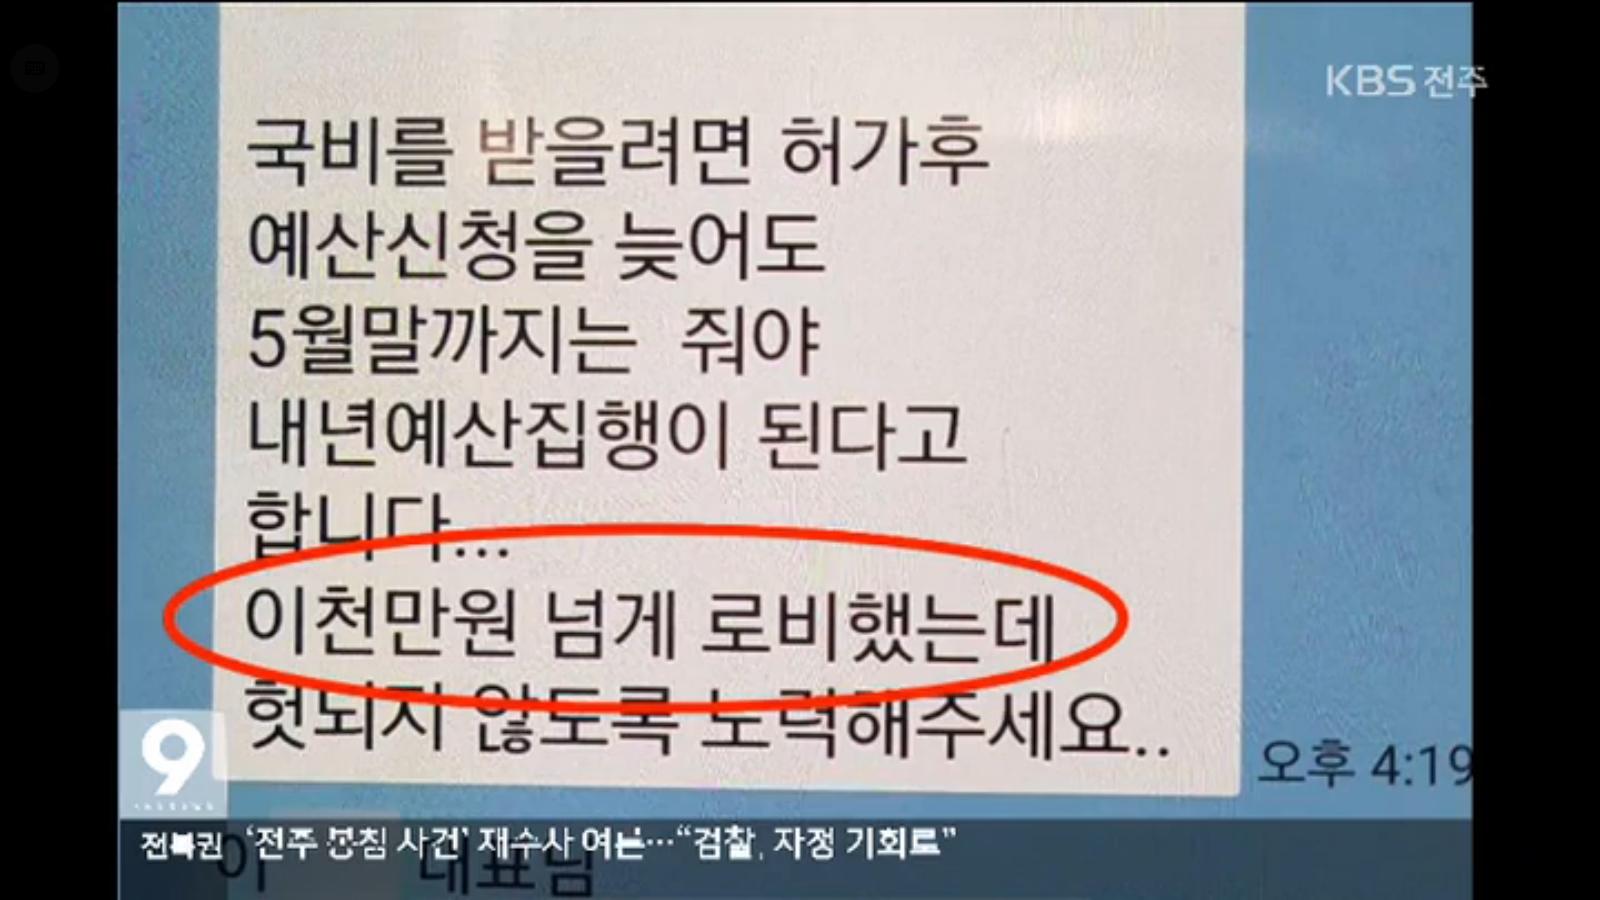 [18.3.30 KBS전주] 전주봉침게이트 재수사여론 빗발... 검찰, 자정 시급2.jpg